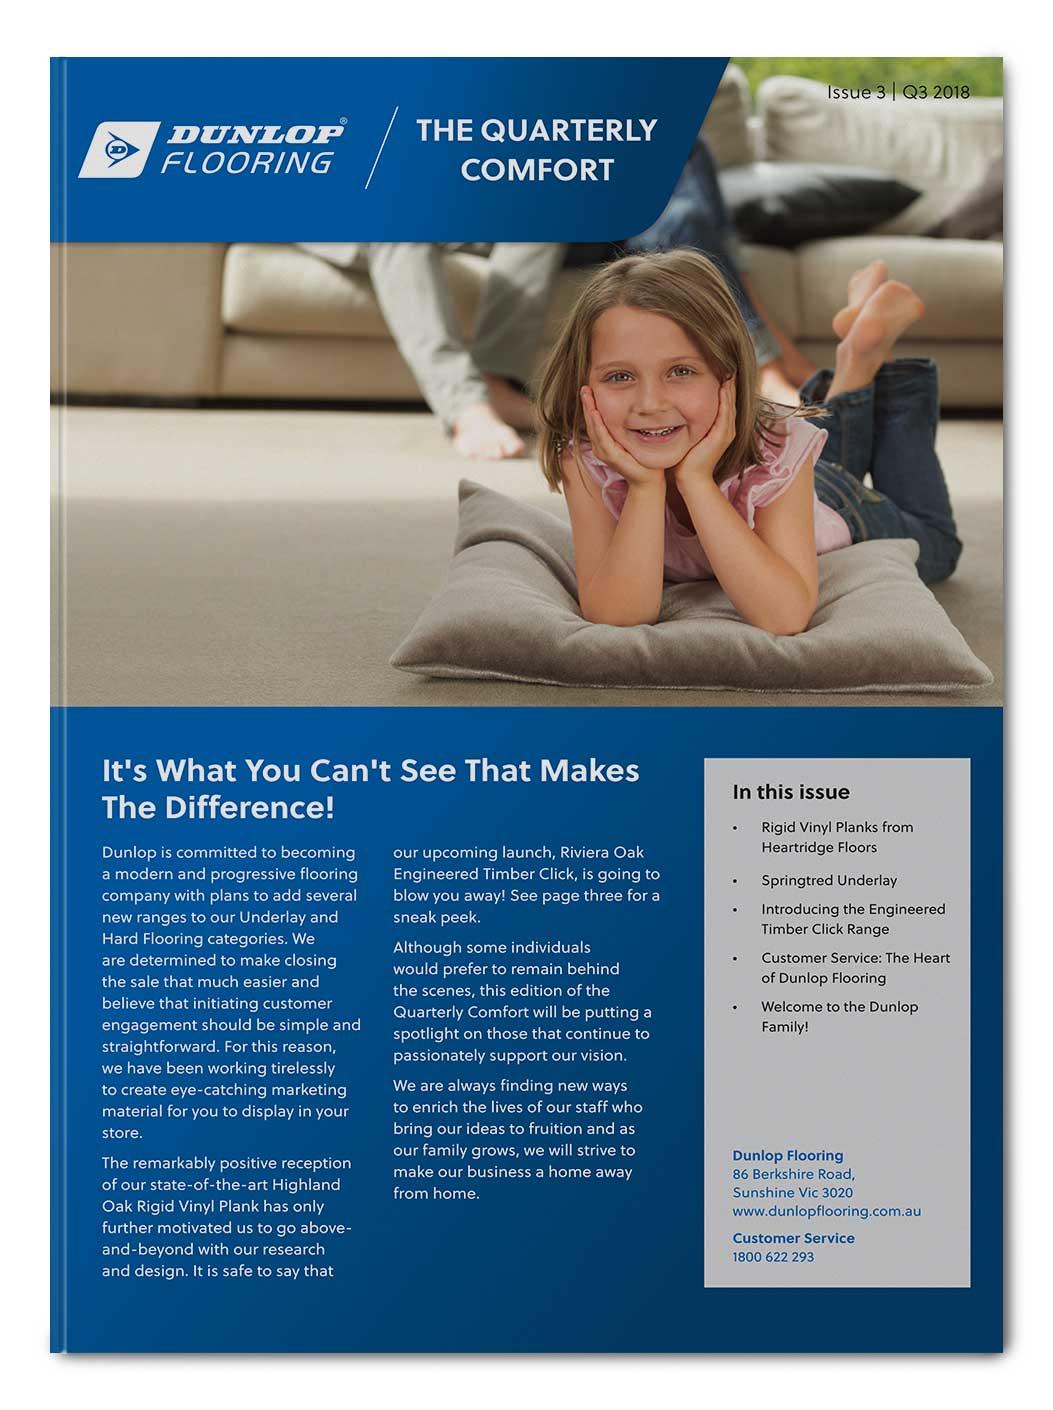 DLU_Newsletter_Issue-3-1